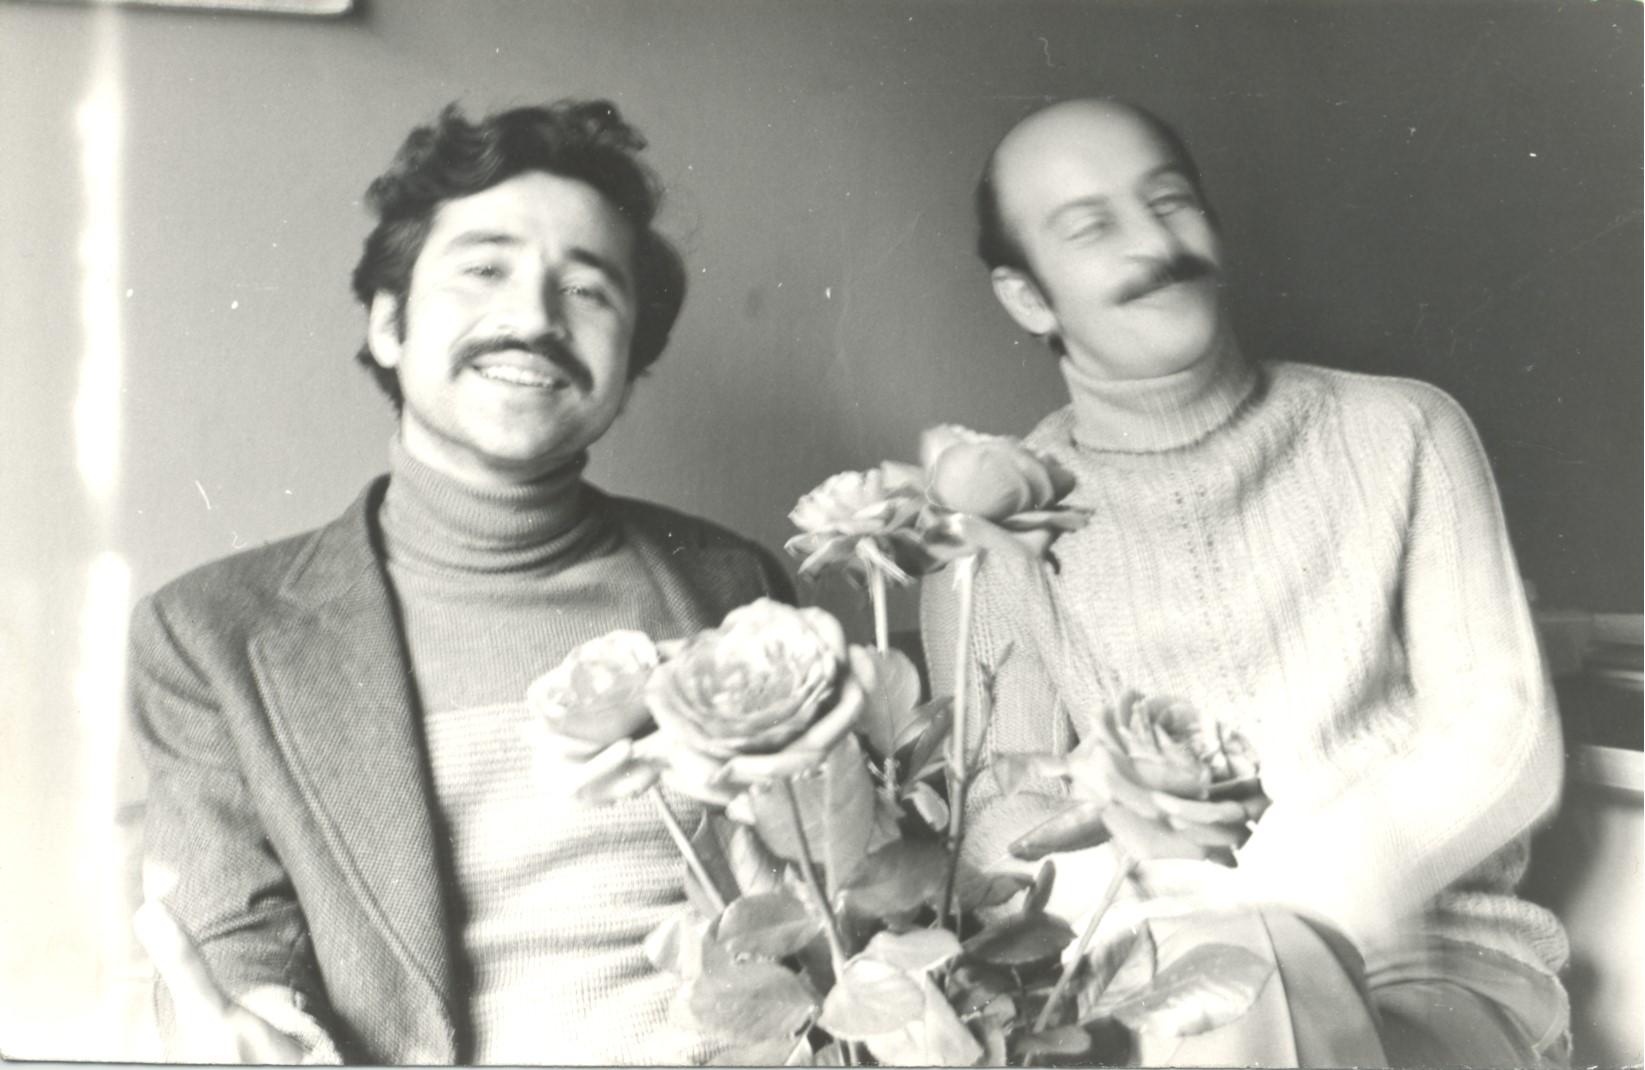 d.-mehmet-dogan,-mustafa-kutlu,-1975-dergâh-yayinlari.jpg